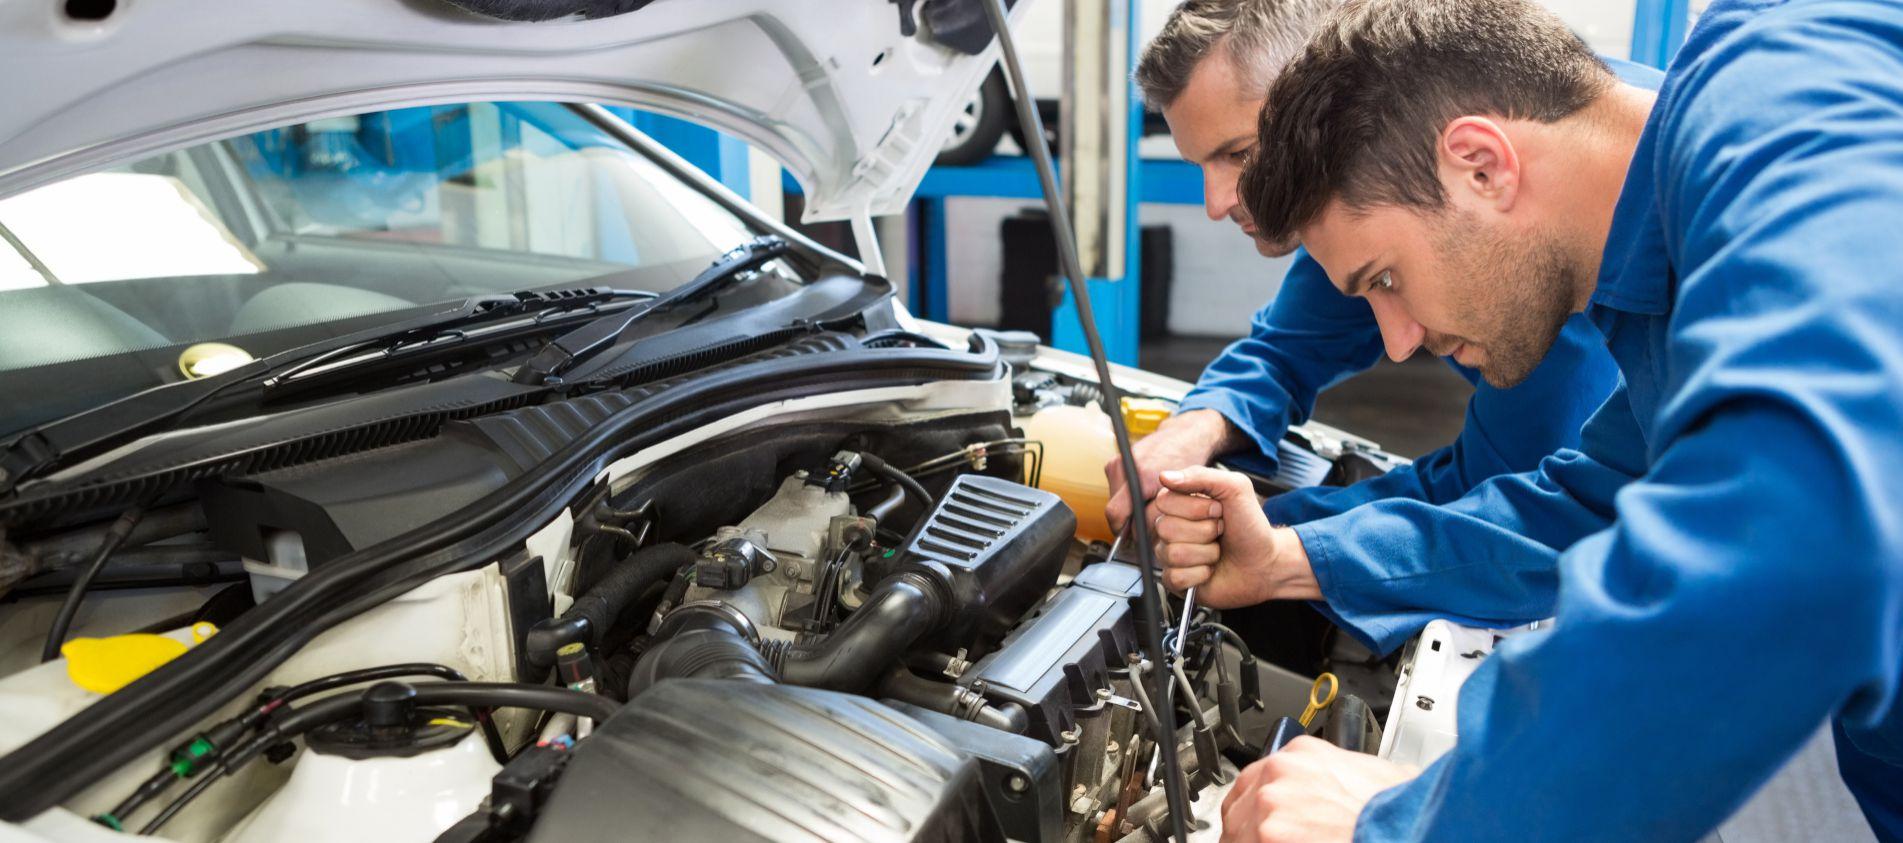 Как определить, что двигатель авто нуждается в ремонте